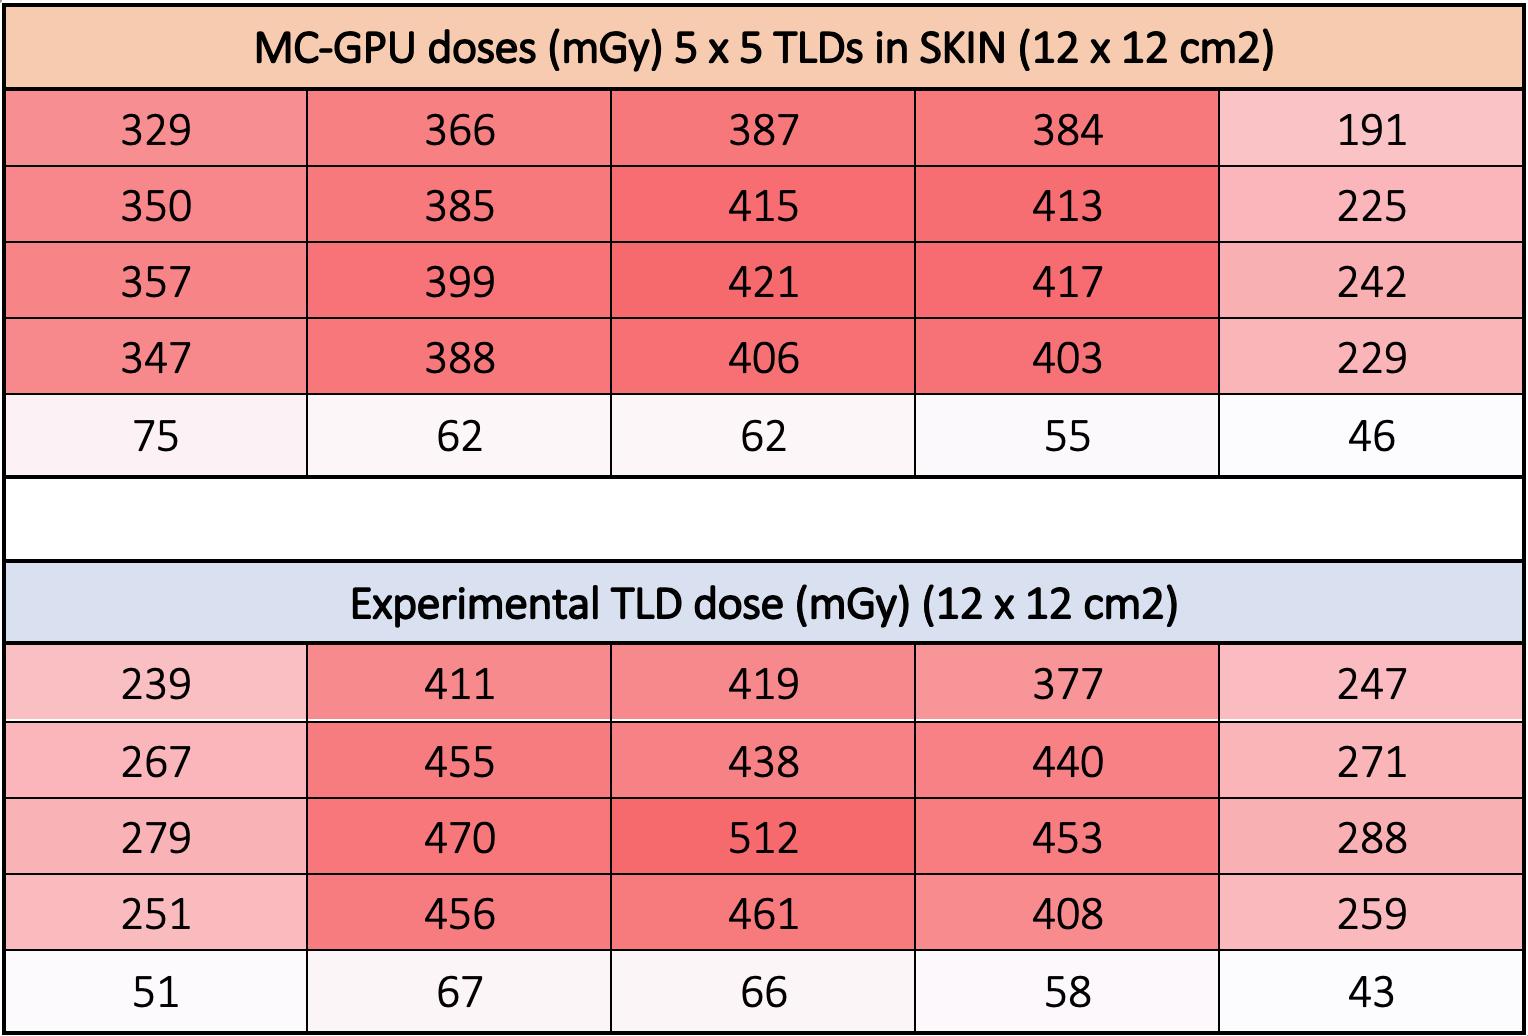 En las dos tablas se muestran las dosis medidas (experimentalmente) y estimadas (MC-GPU) de una disposición de 25 detectores formando un cuadrado de 5 x 5 colocados en la región de irradiación mostrada en la figura.